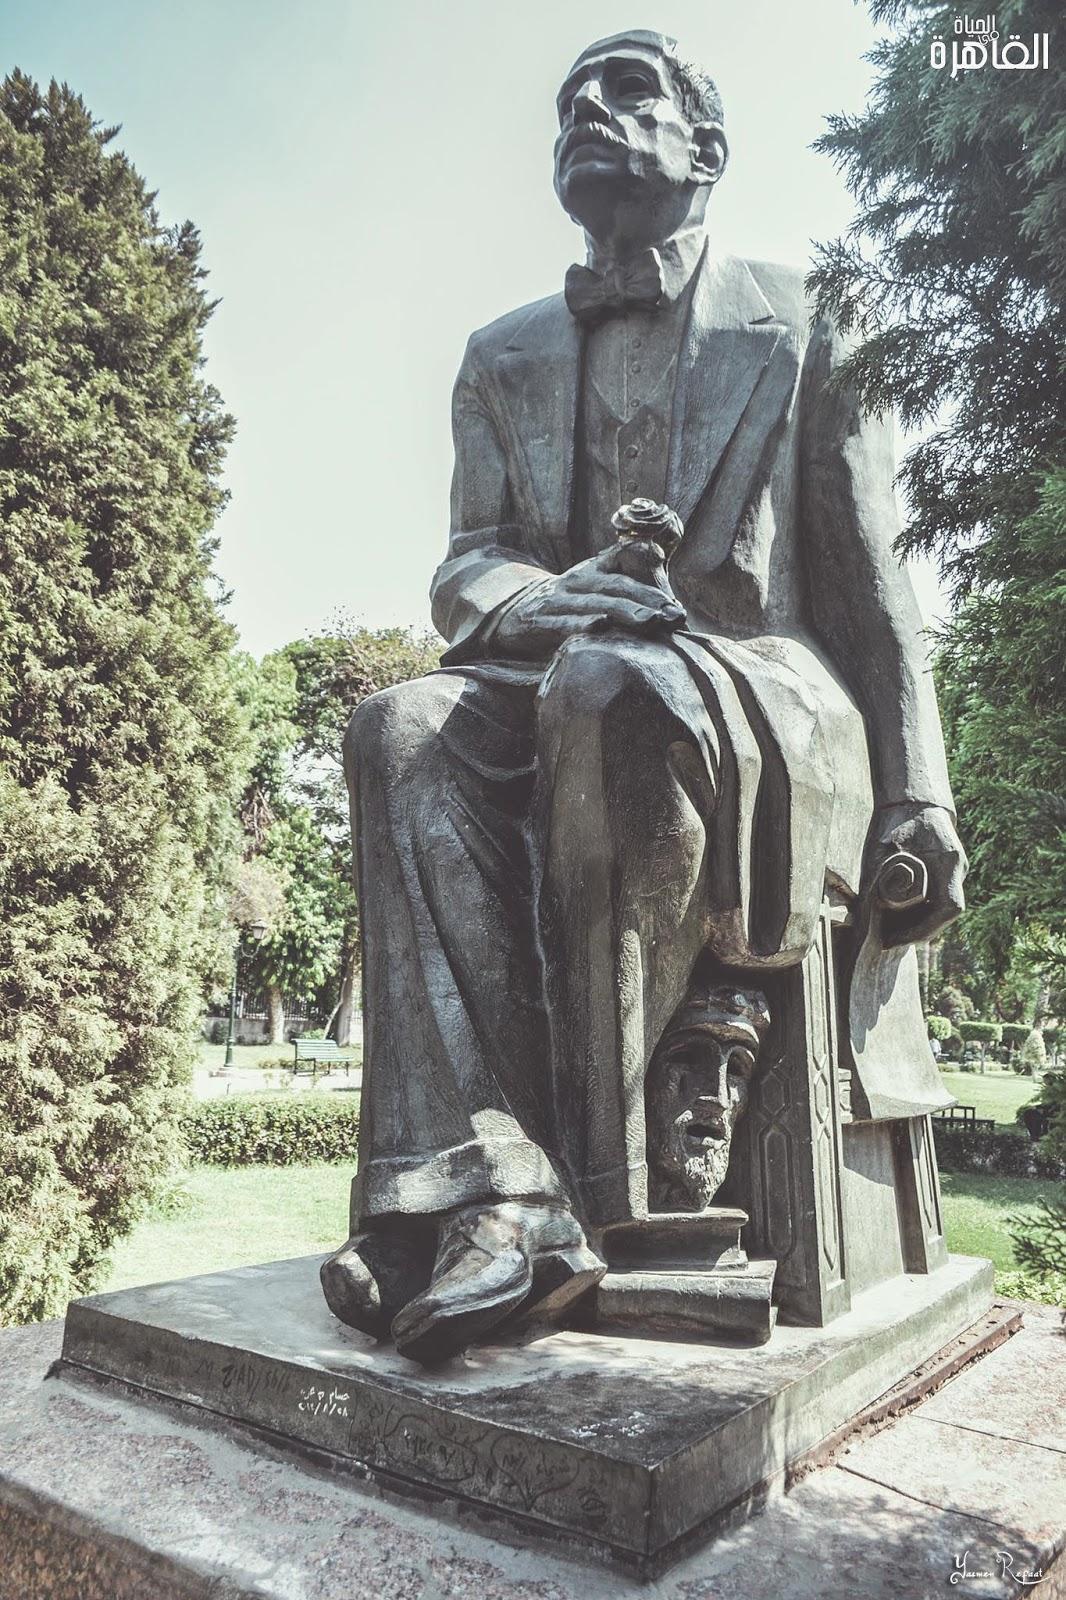 تمثال أحمد شوقي بحديقة الحرية والصداقة. من أعمال النحات جمال السجيني - الحياة في القاهرة